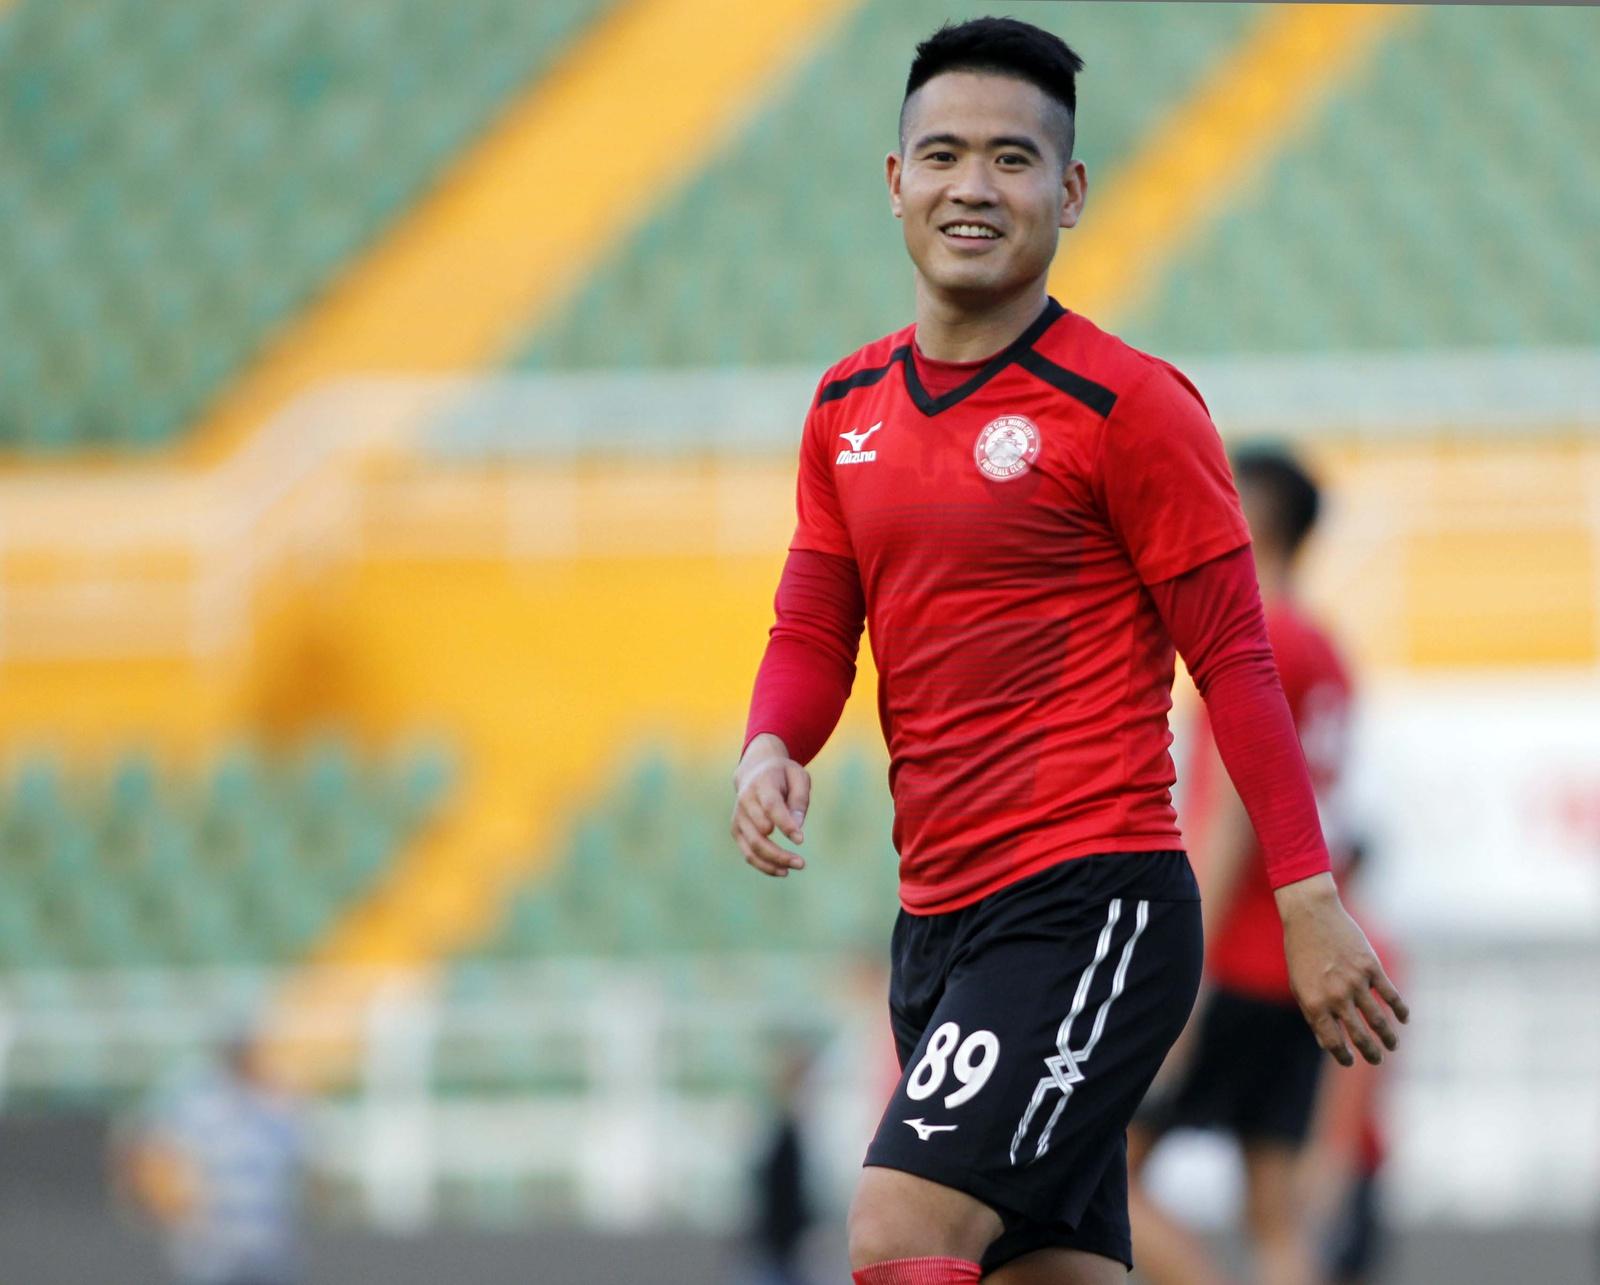 Trong 10 năm thi đấu chuyên nghiệp, Âu Văn Hoàn khoác áo 4 đội bóng.